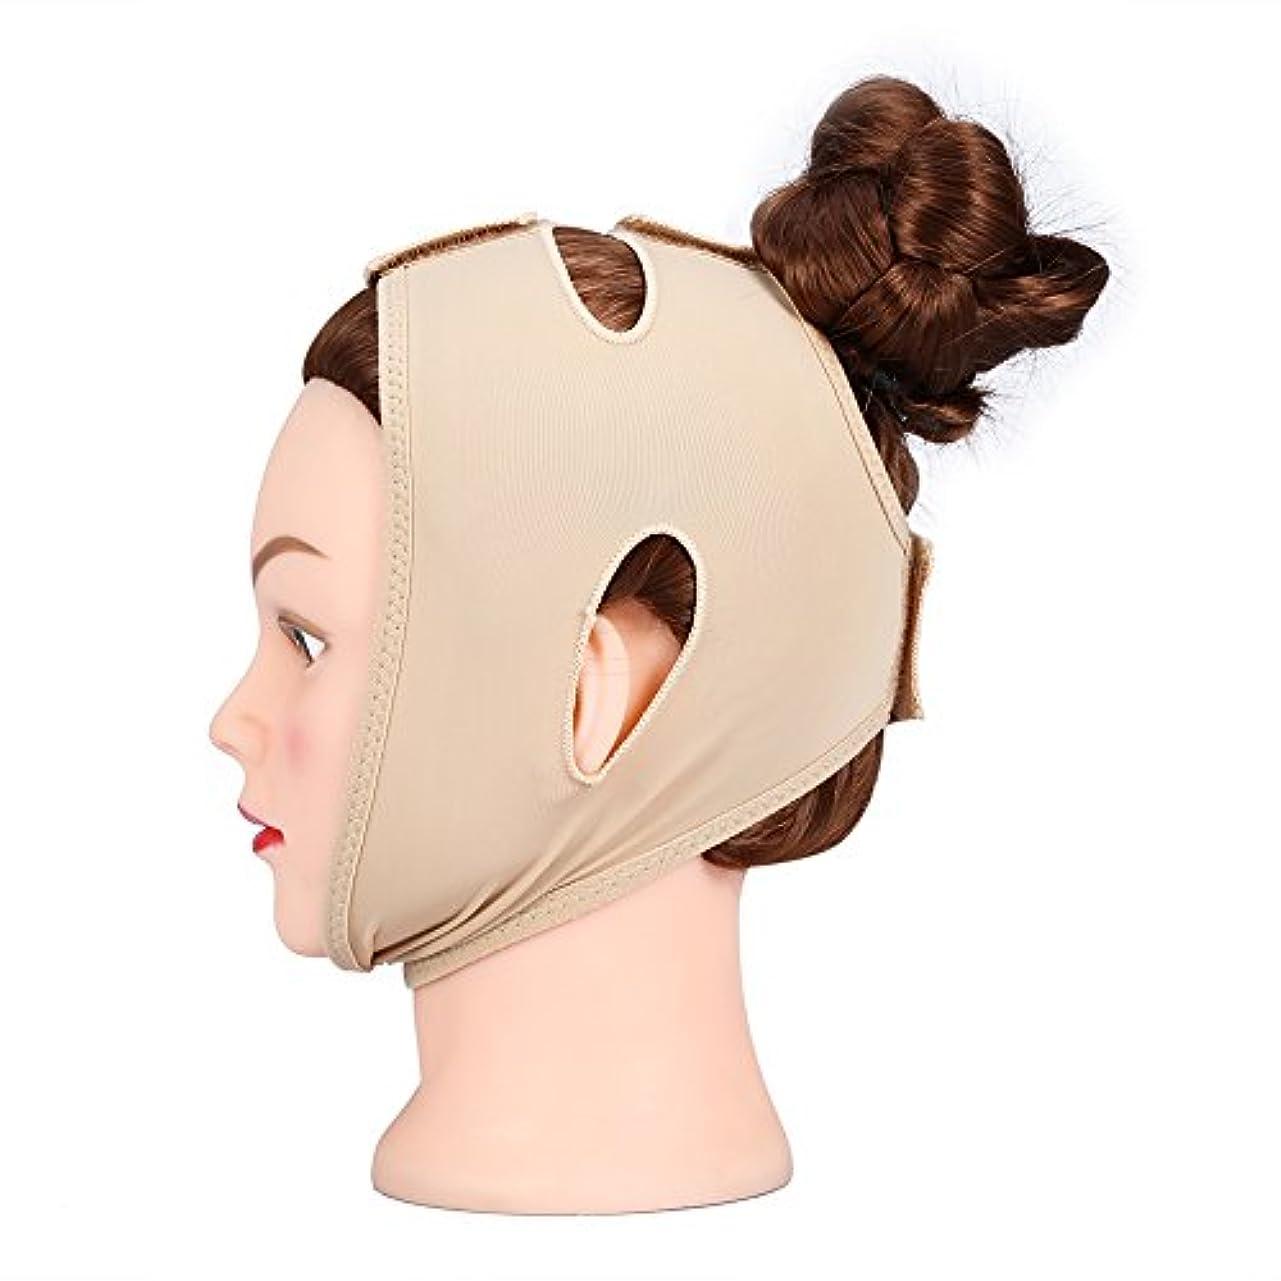 懇願する聞きます観察する痩身フェイスバンド、痩身フェイスマスク、フェイスリフトマスク、睡眠首マスク、二重あご包帯を減らす(M)